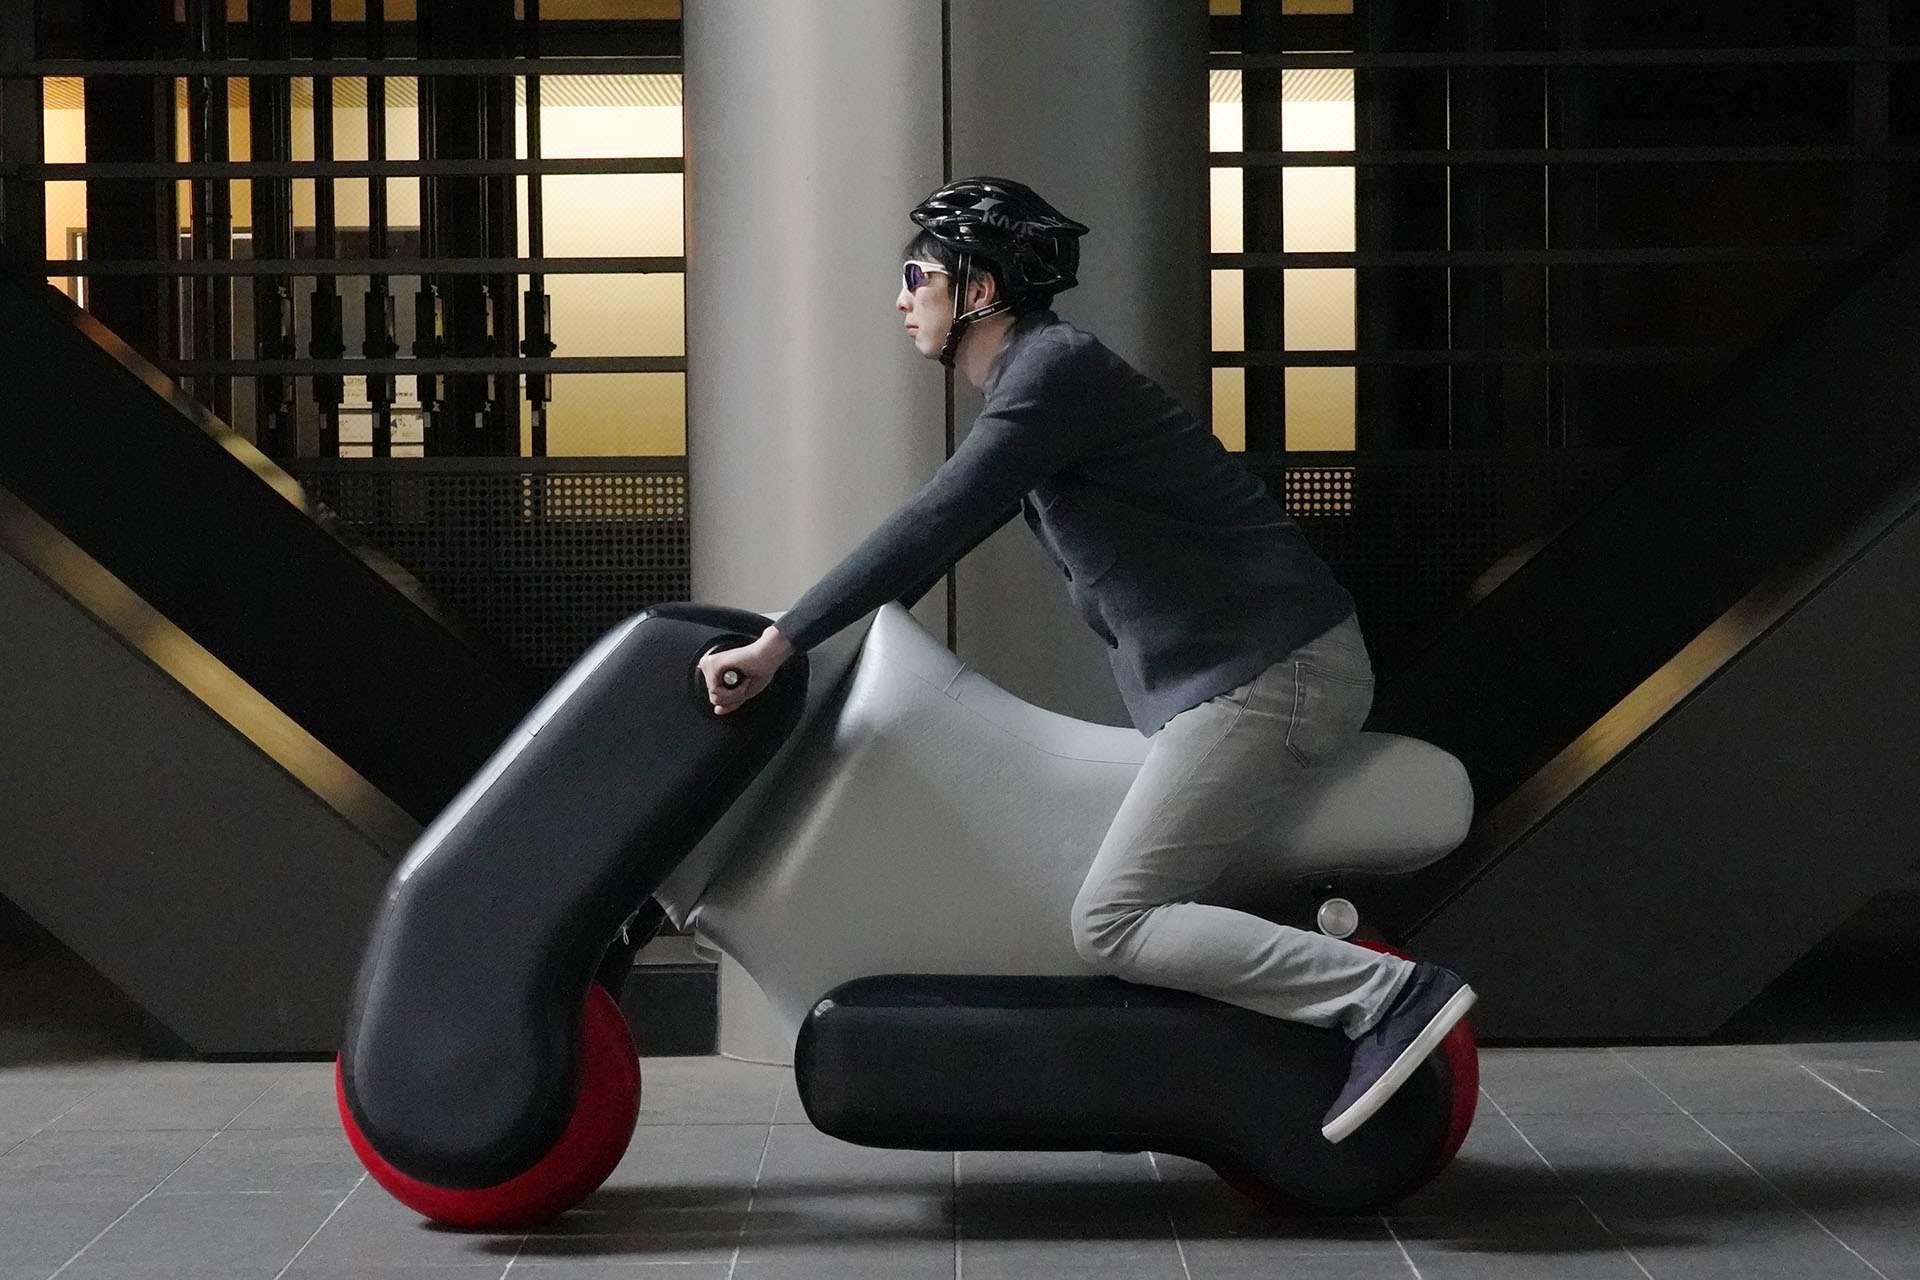 La nouvelle version du scooter électrique gonflable Poimo pourra être personnalisée au moment de sa conception pour s'adapter au mieux à la taille et position de conduite de son utilisateur. © Tokyo University